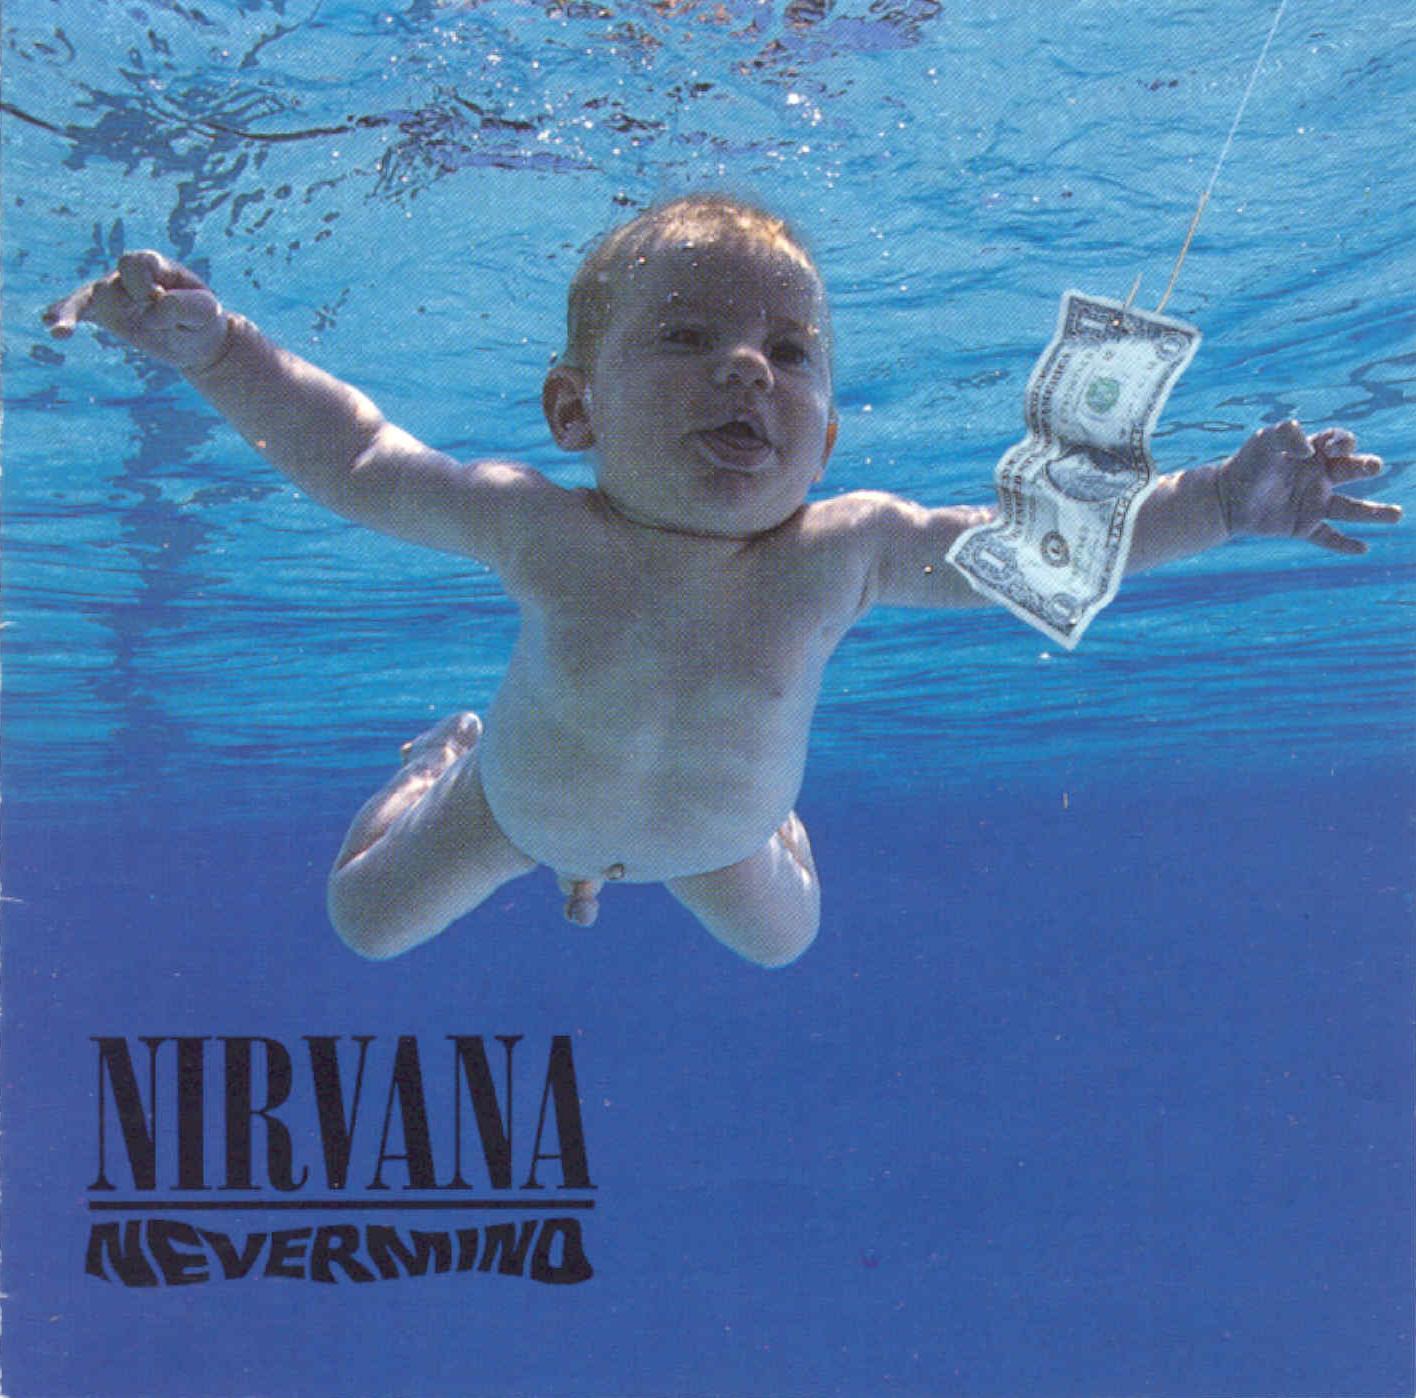 La portada de 'Nevermind'